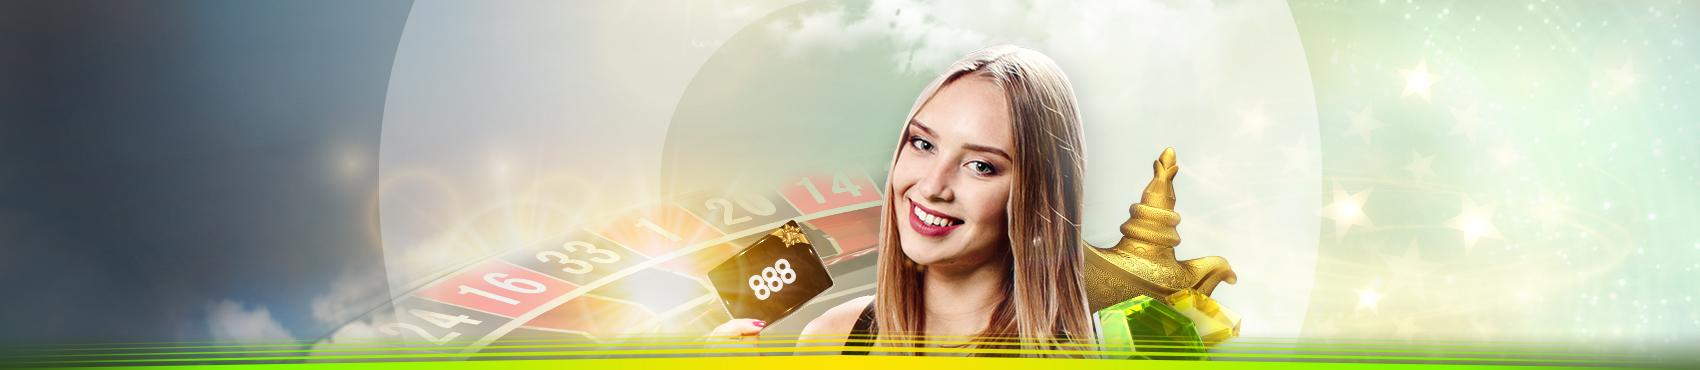 888 casino bono bienvenida